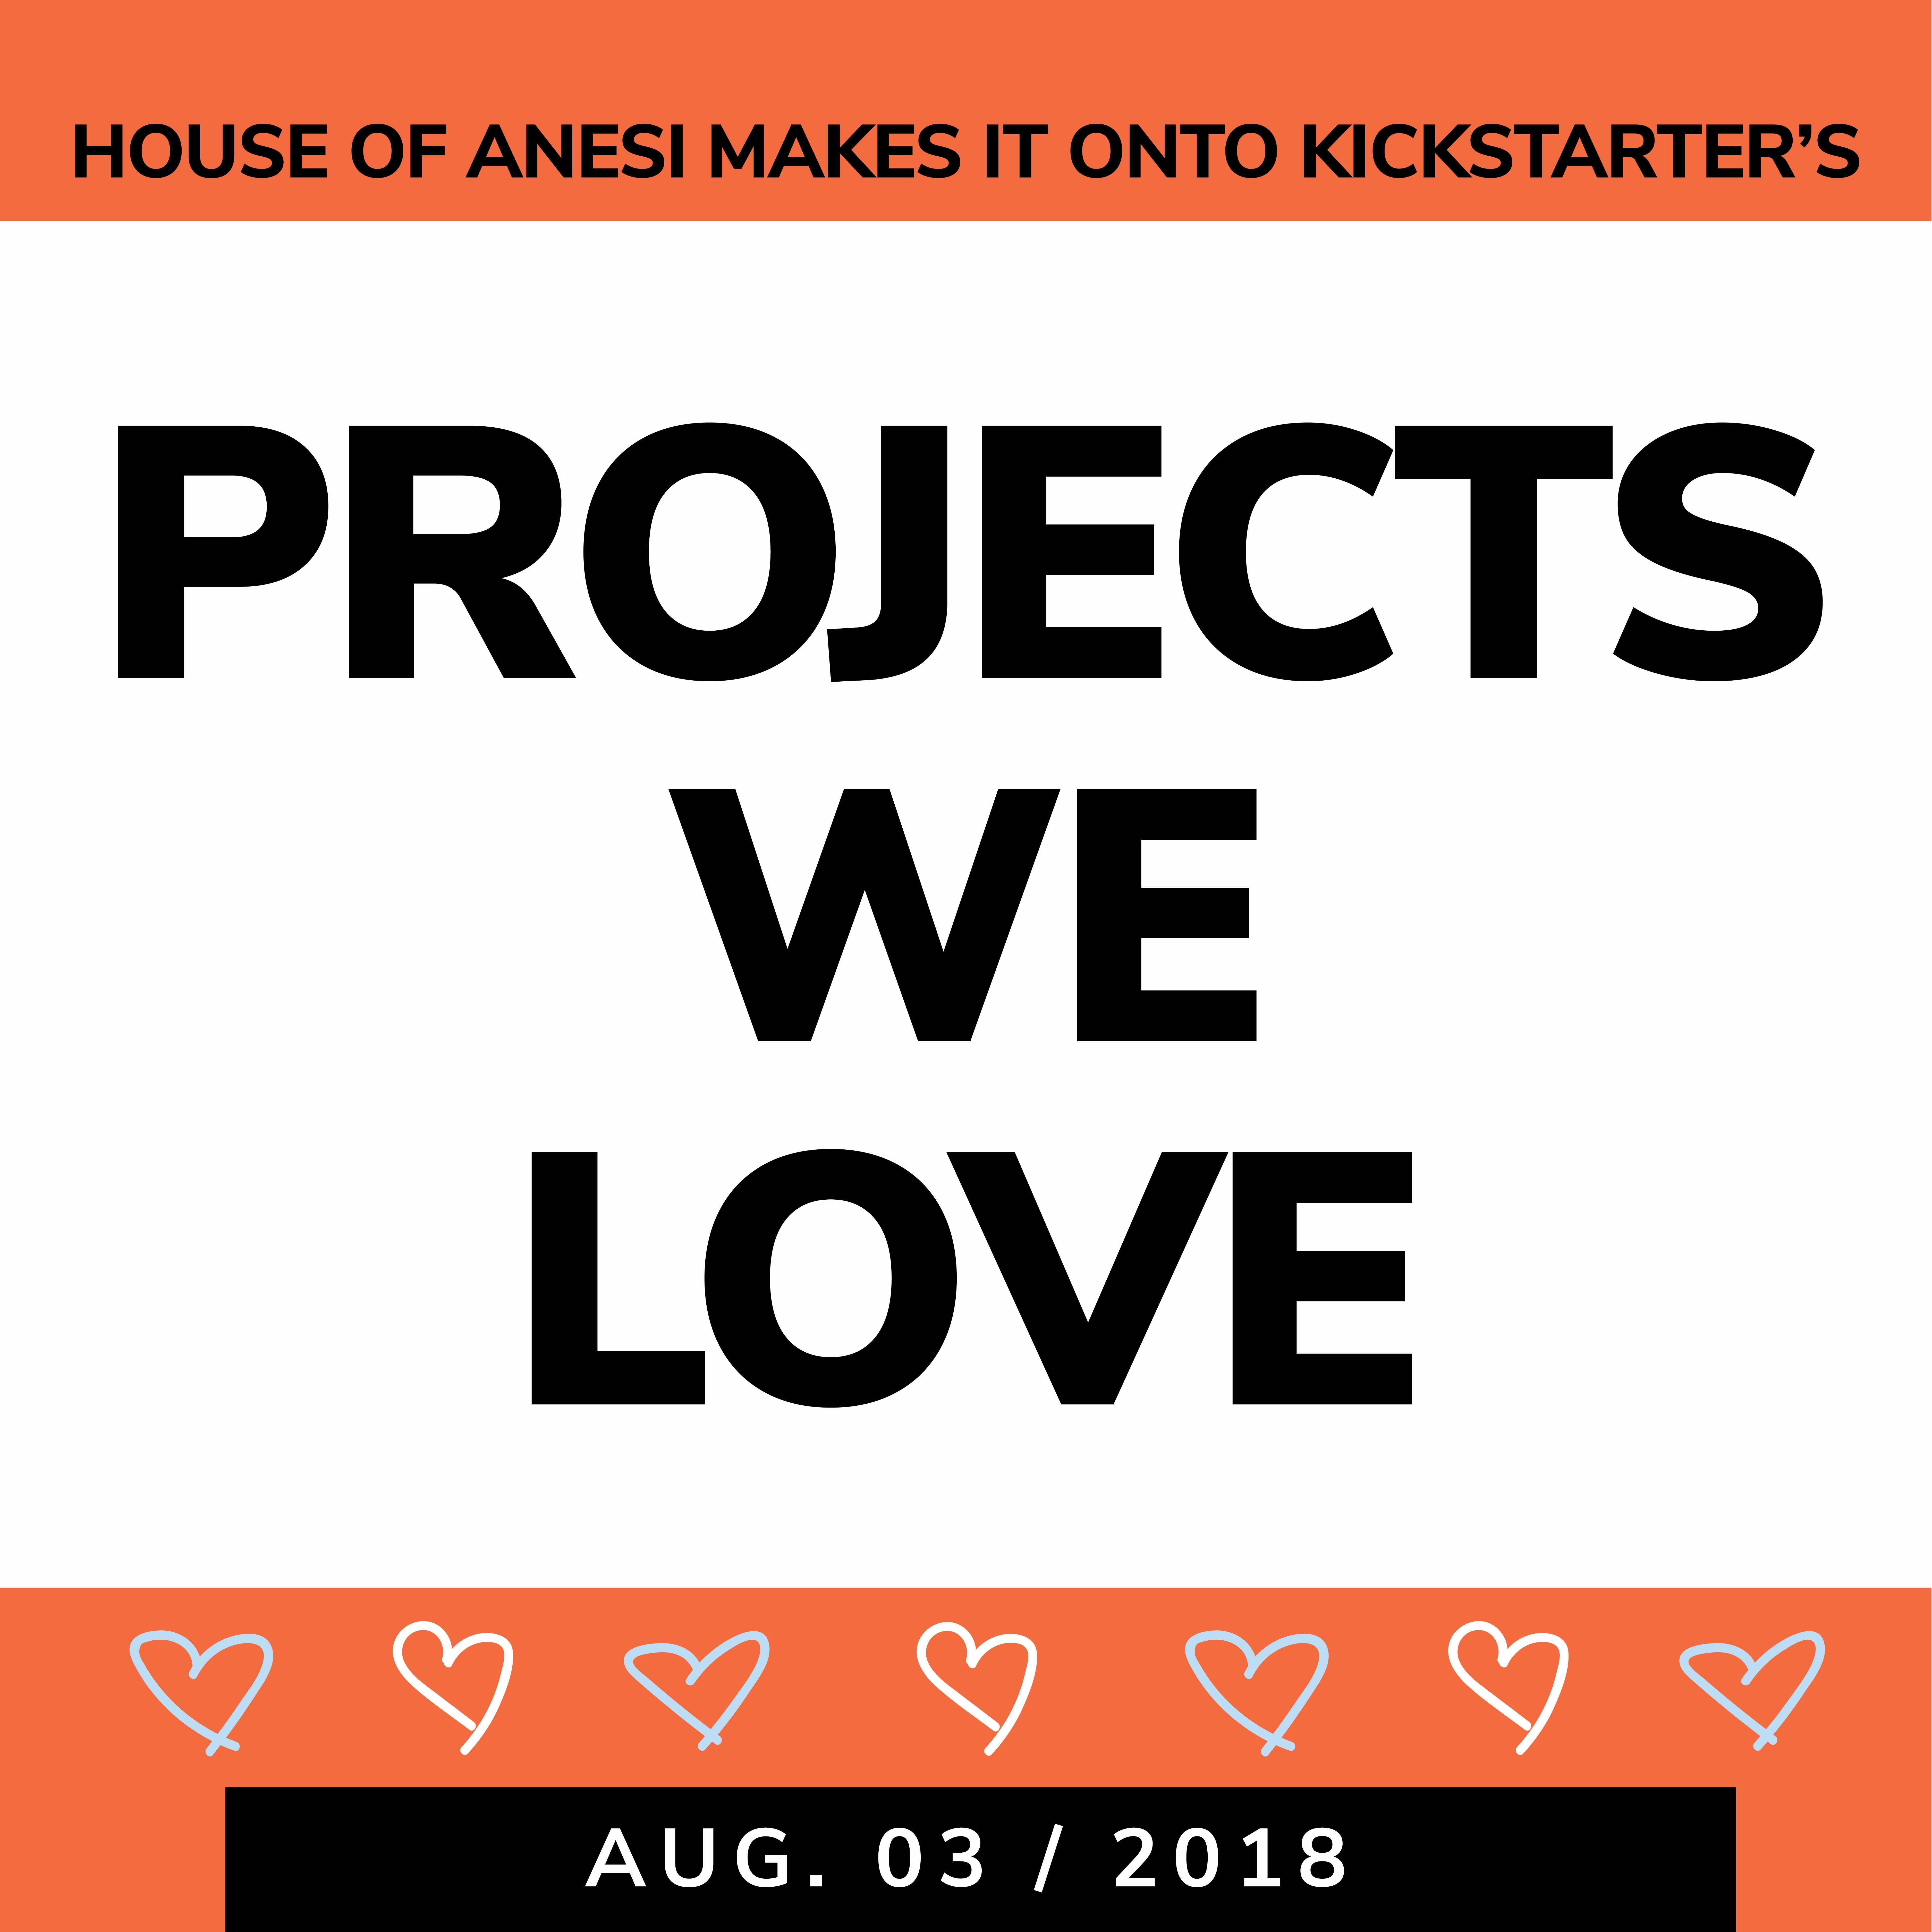 house of anesi kickstarter high lights - begining